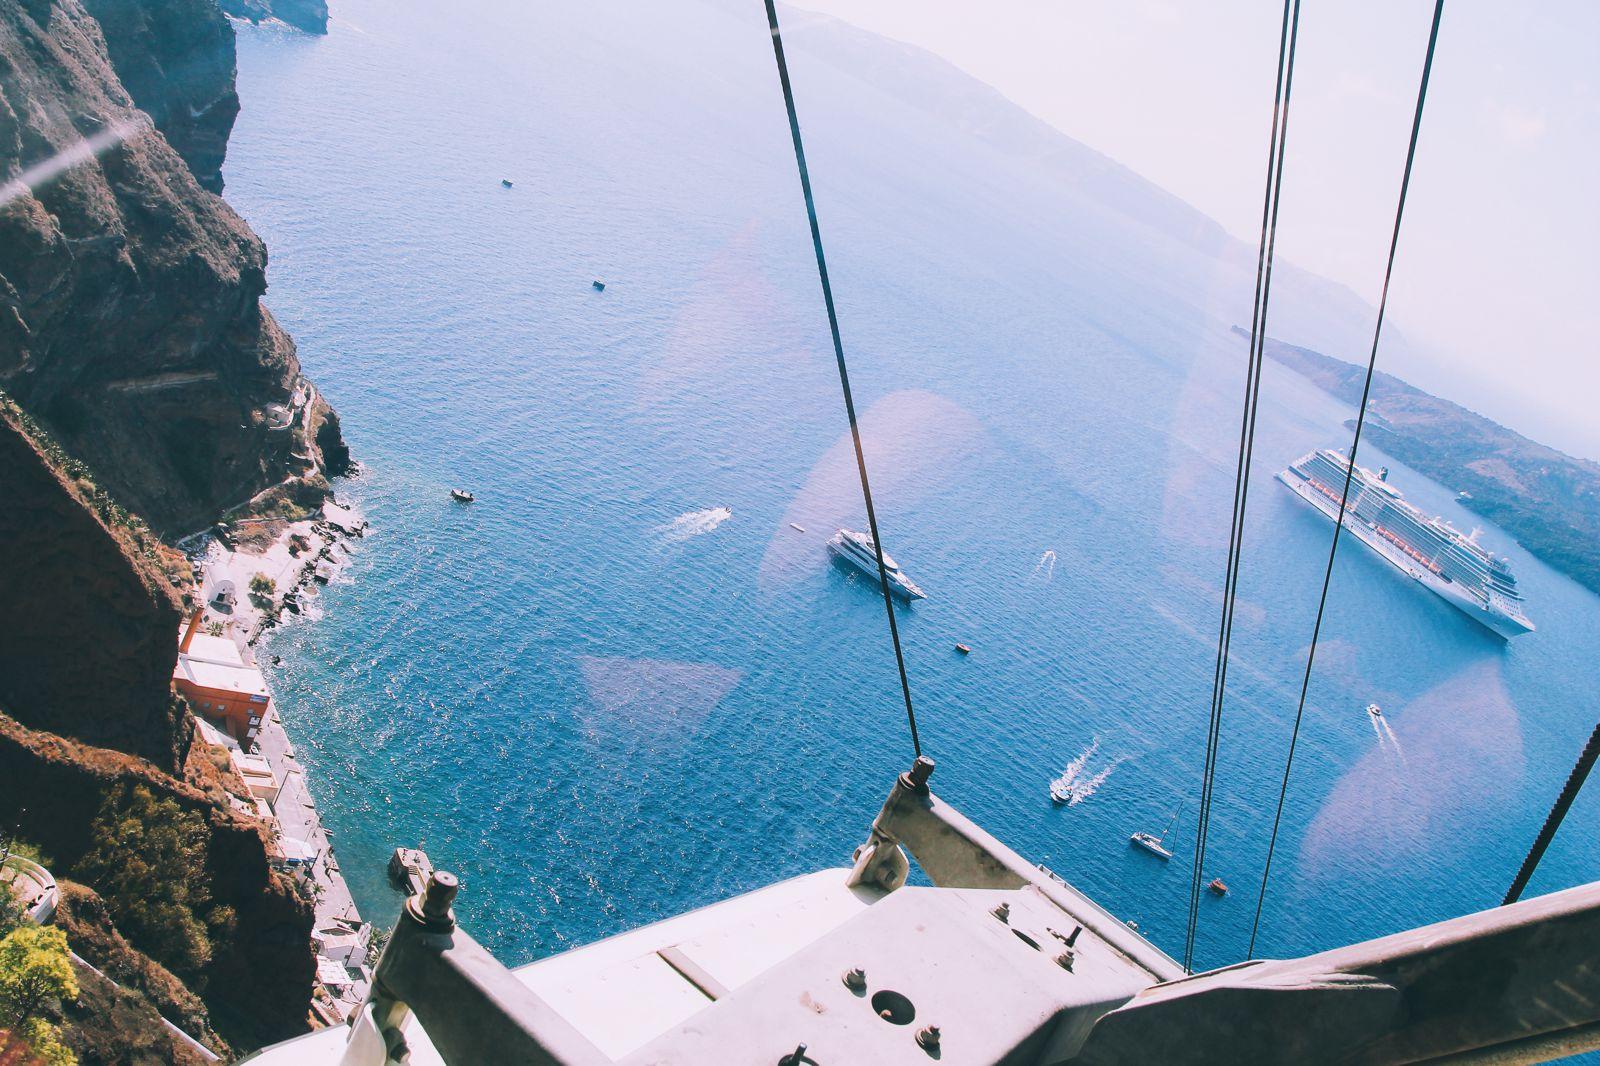 Conquering Volcanos in Santorini, Caldera, Sailing, Boat Trip, Greece (4)